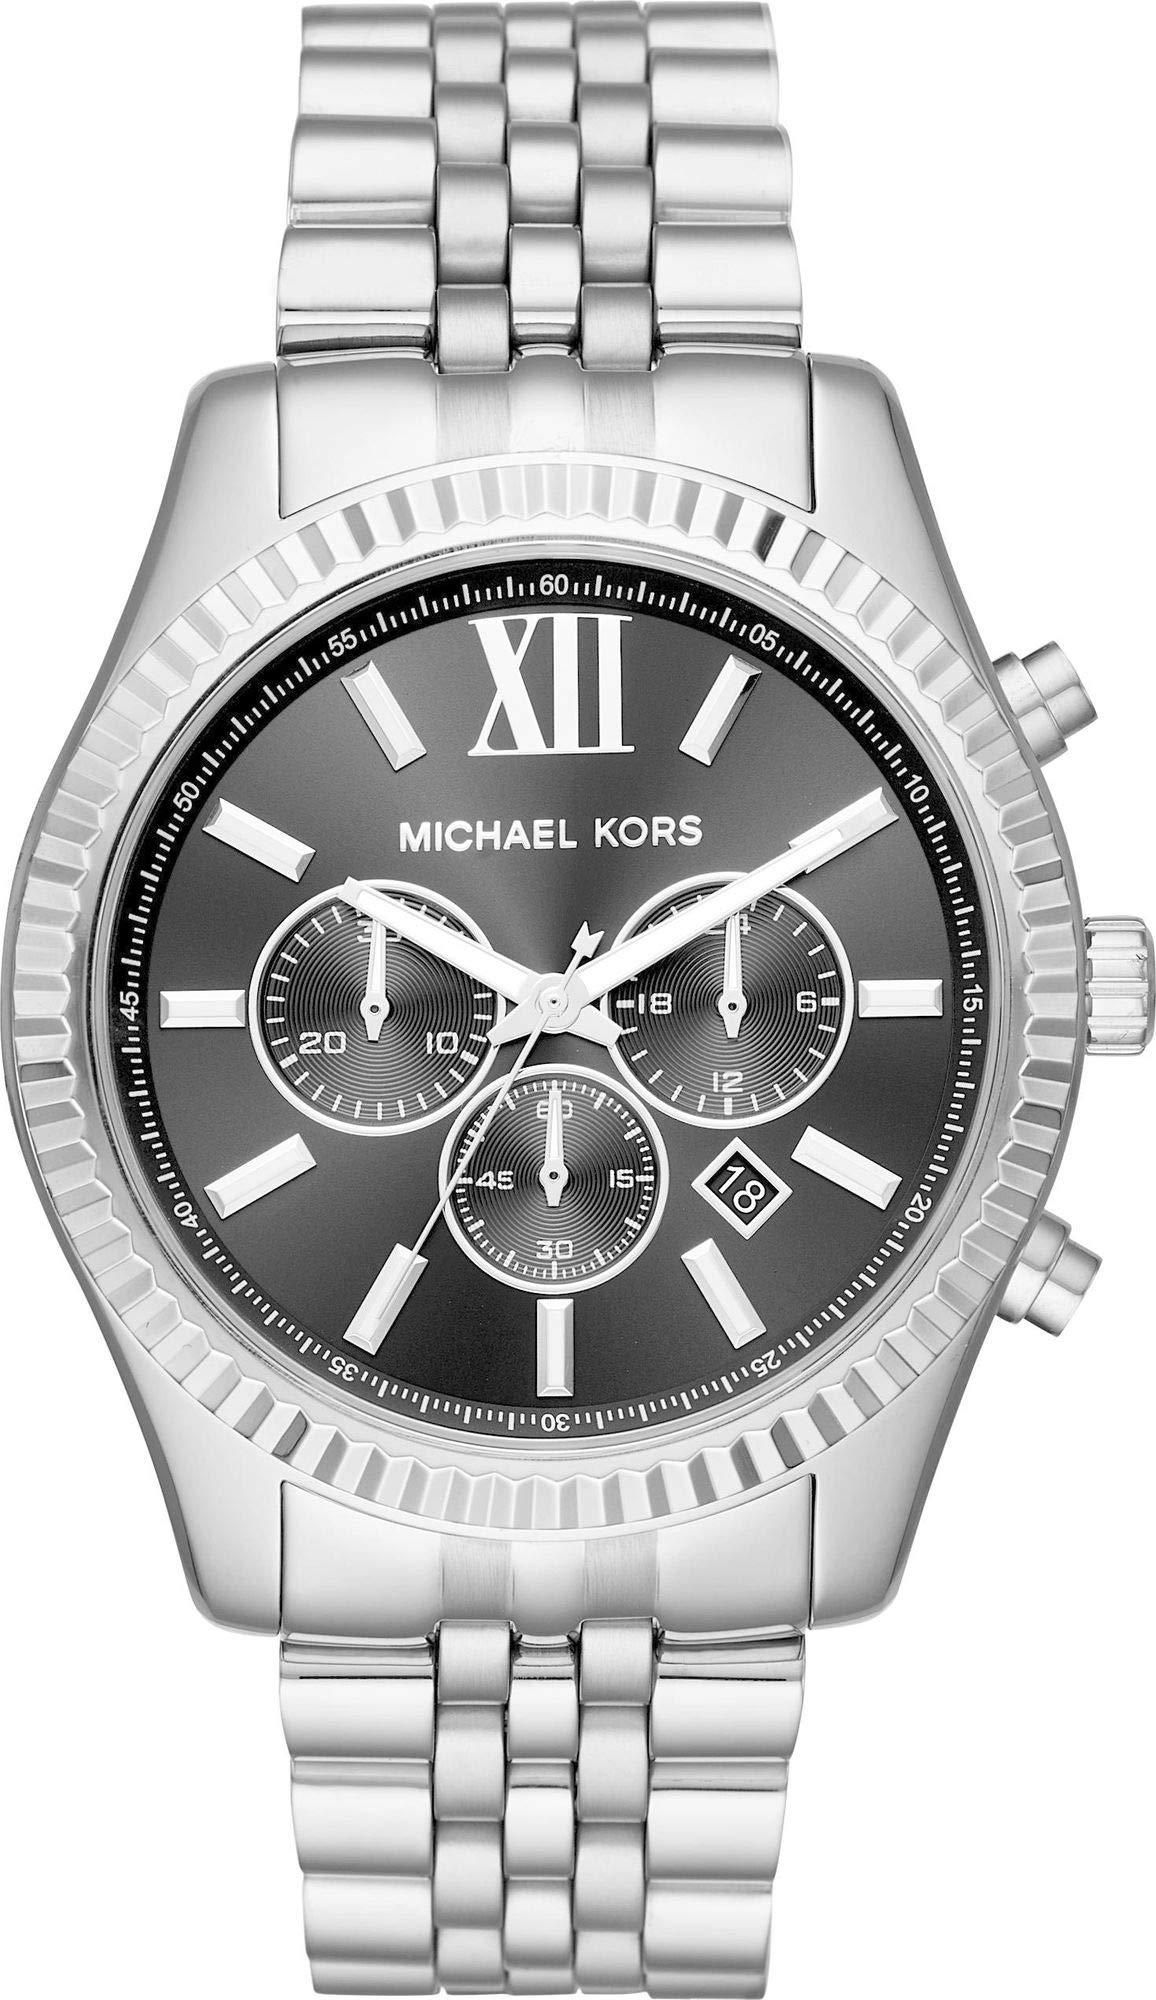 Michael Kors Reloj Analogico para Hombre de Cuarzo con Correa en Acero Inoxidable MK8602